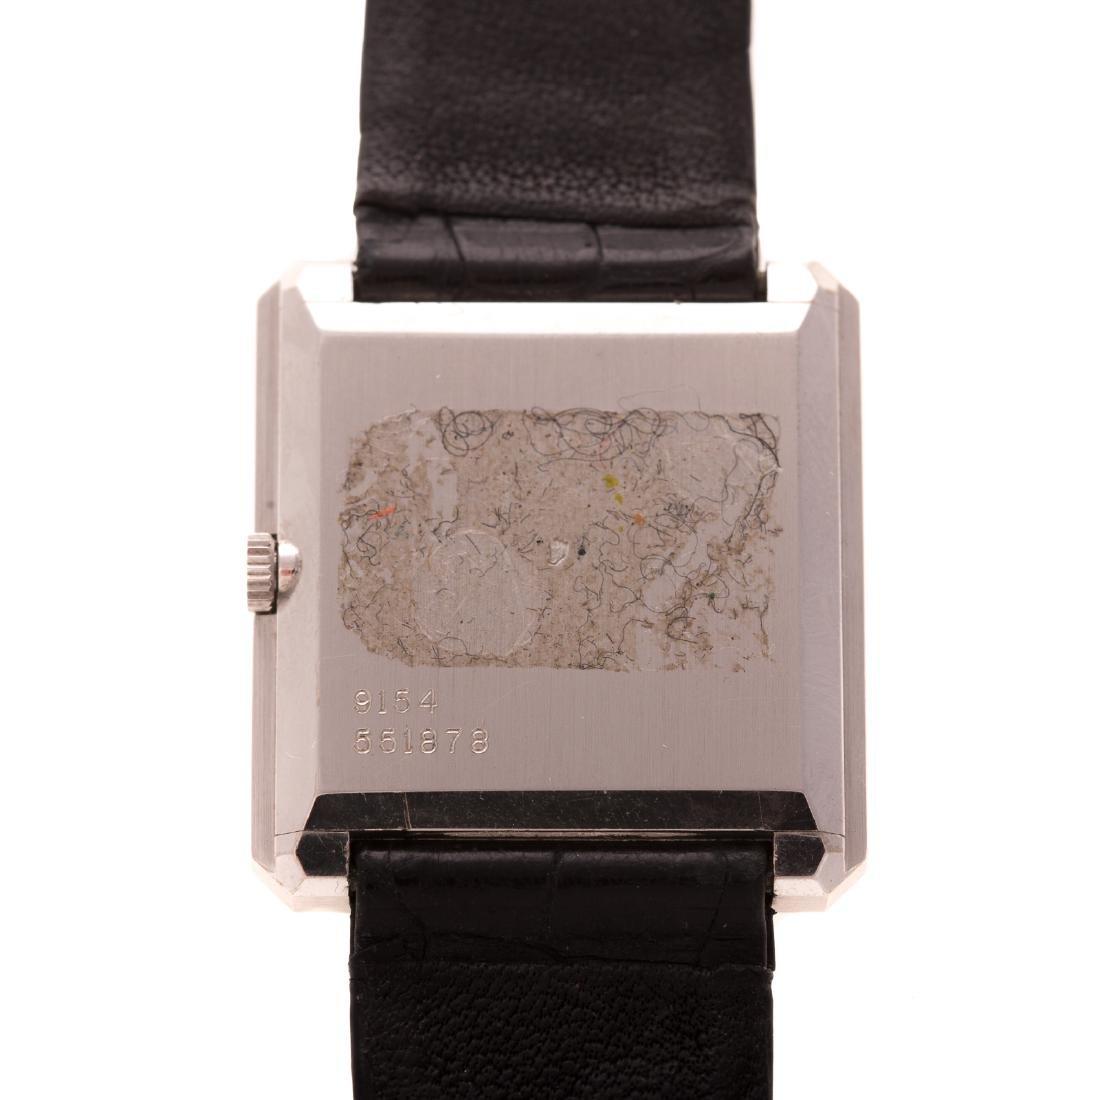 A Gentlemen's Piaget Watch with Diamonds in 18K - 4